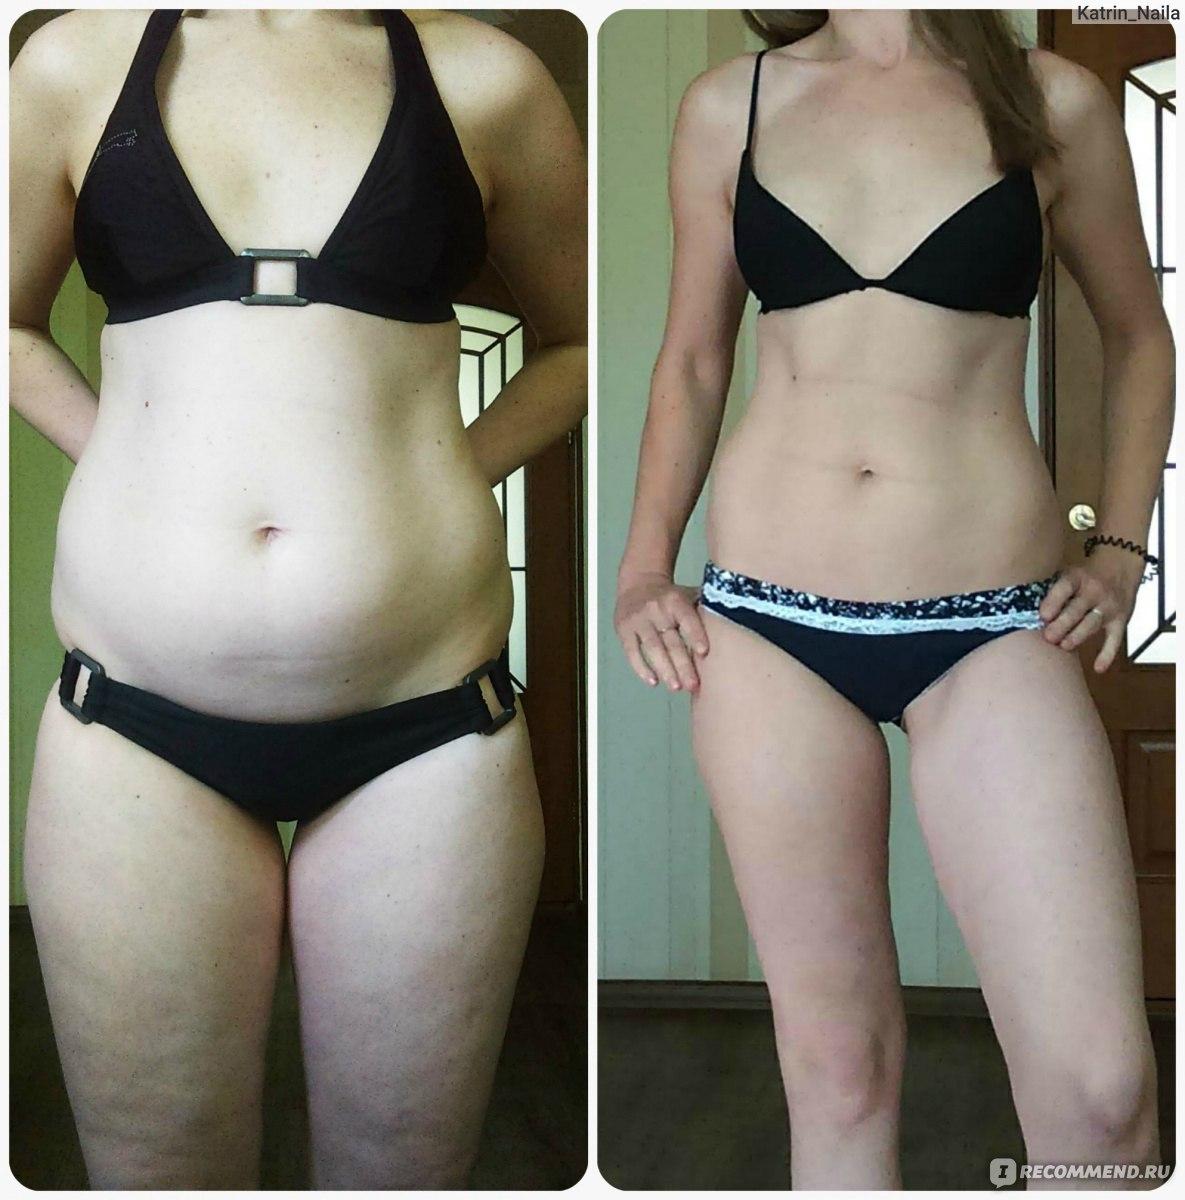 Мои результаты похудения после гречневой диеты